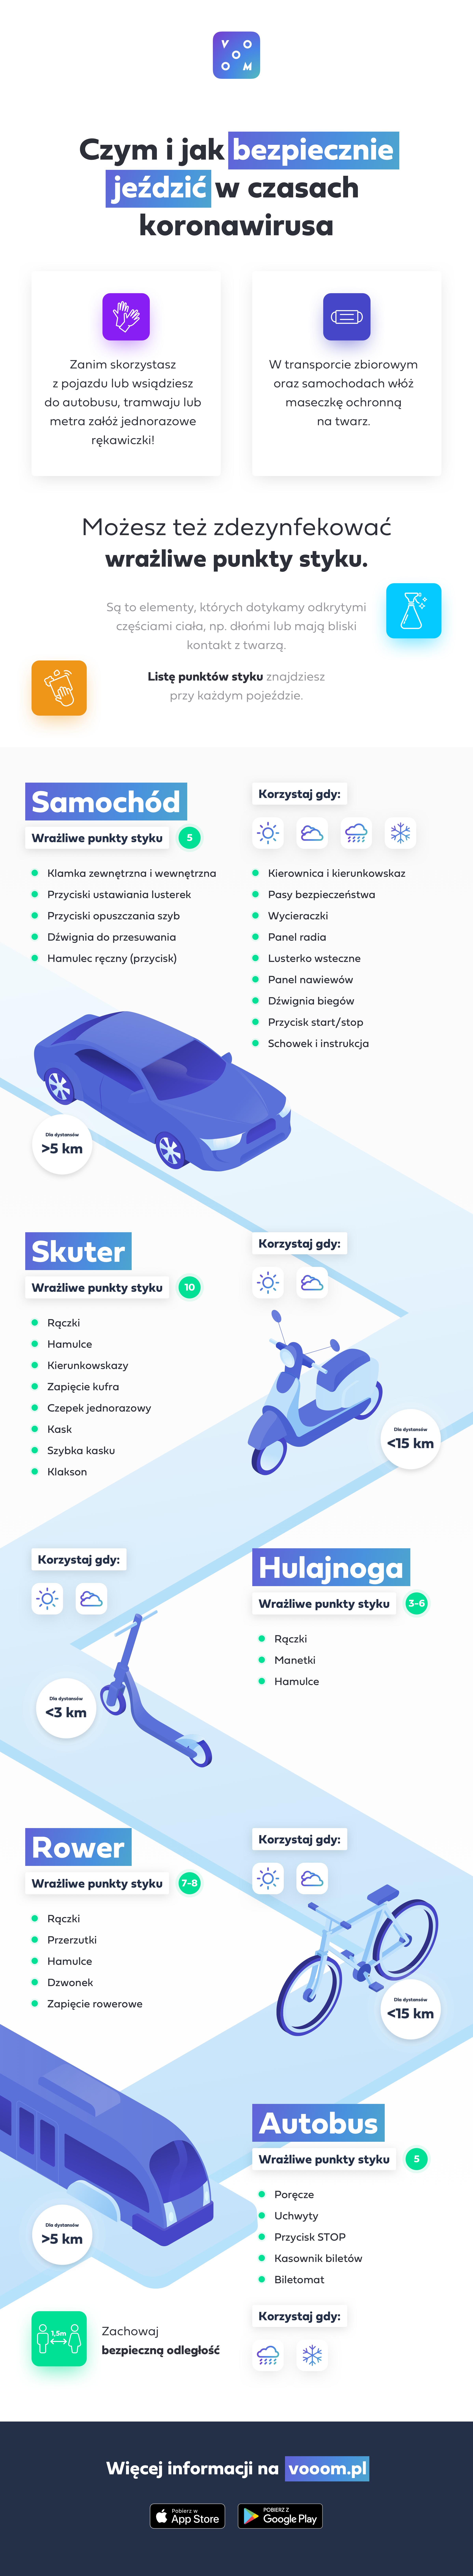 infografika czym i jak bezpiecznie dojeżdżać do pracy